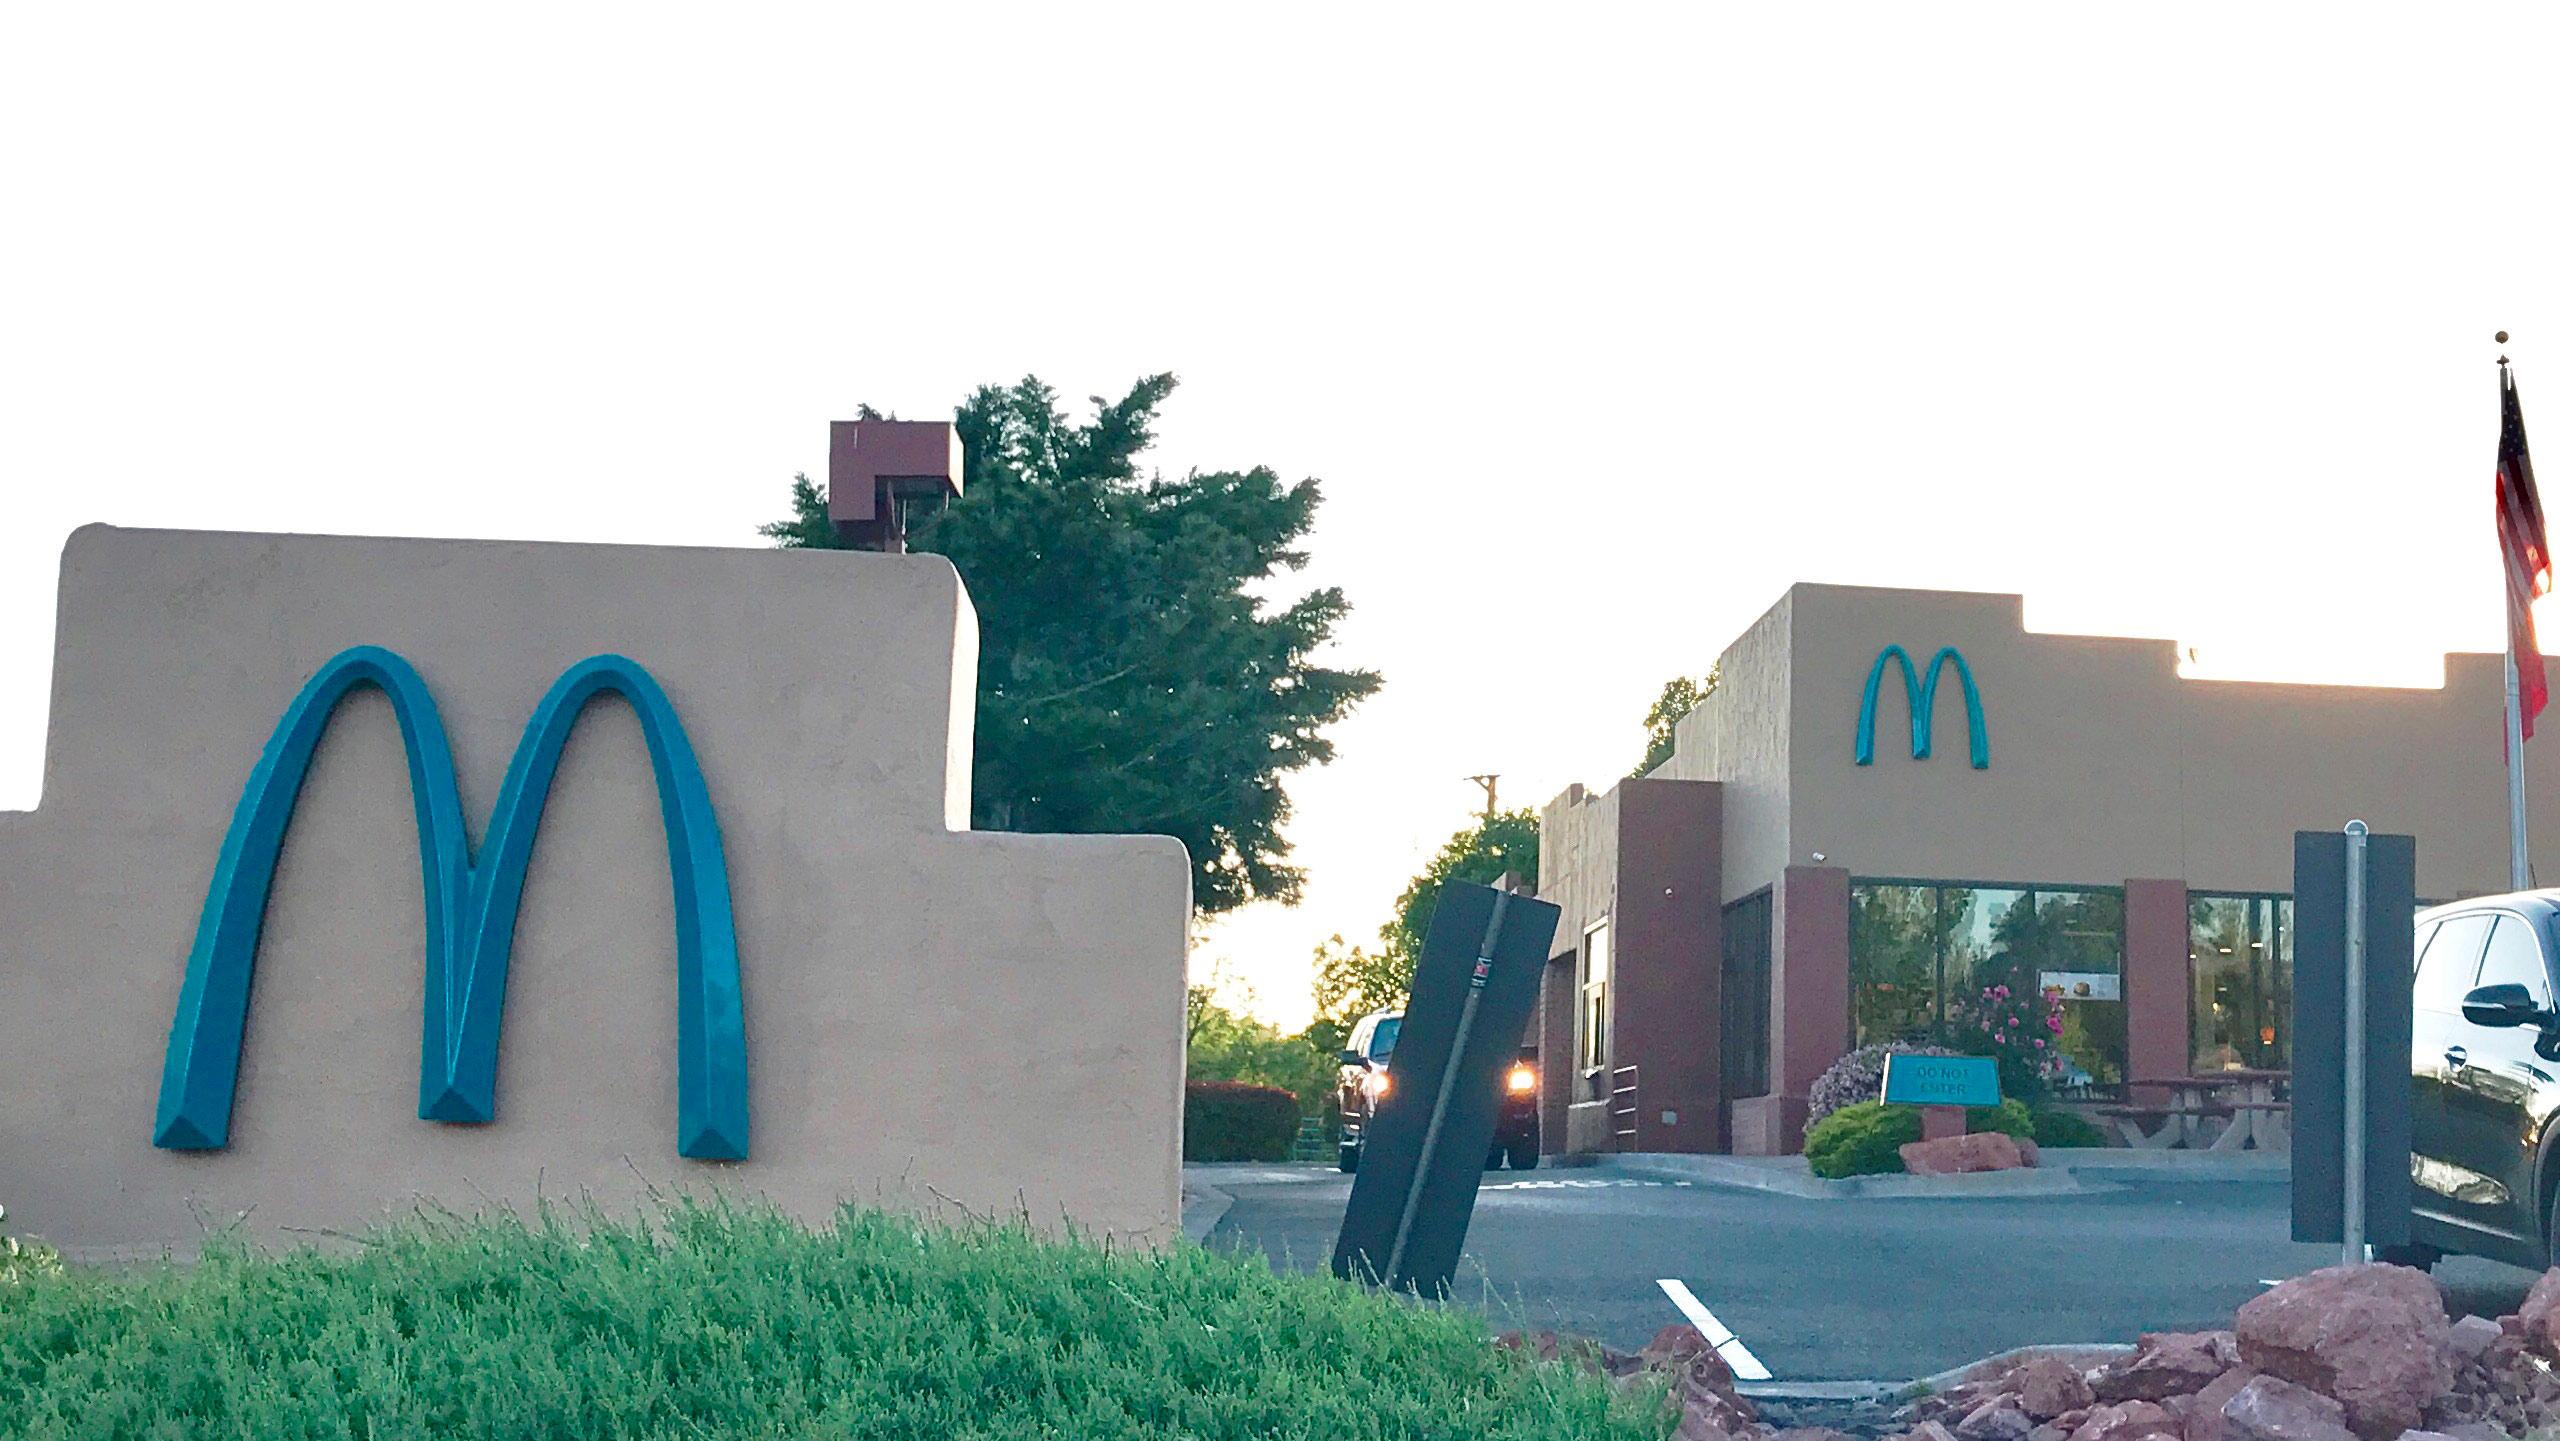 mcdonald's logo azul porque